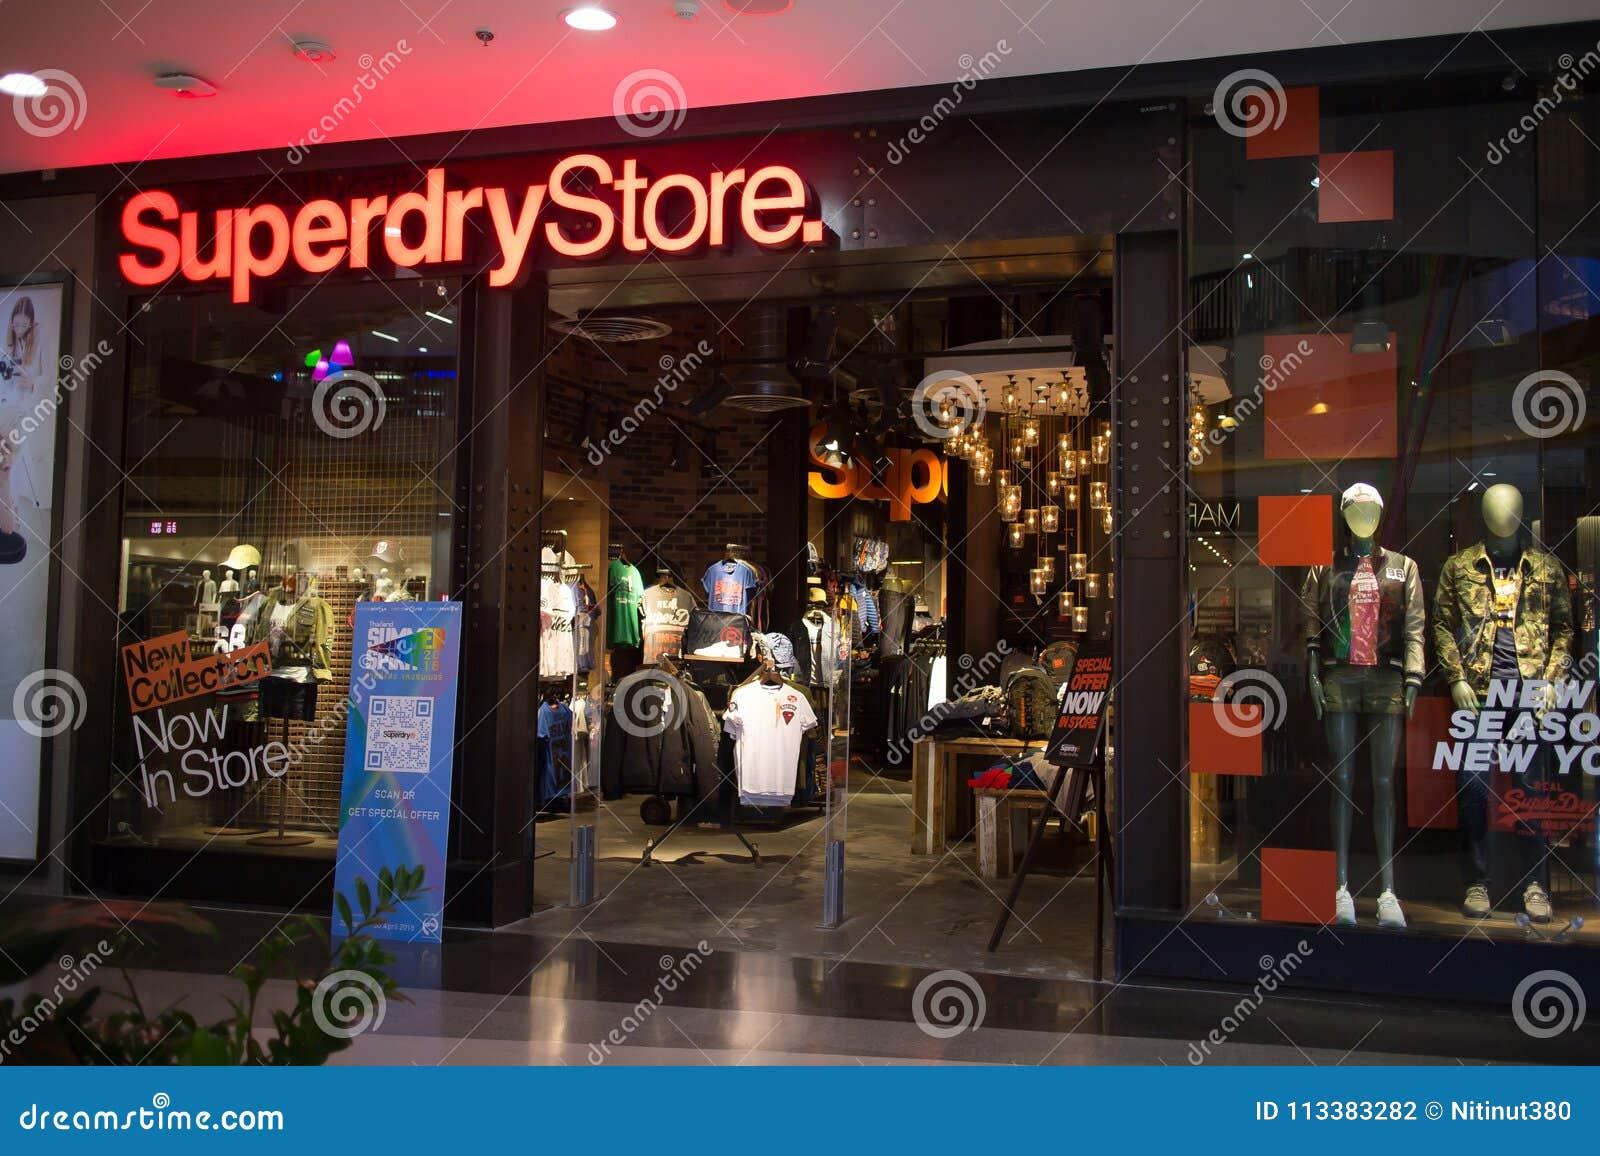 9da5481b34 Negozio Di Superdry Progettazione E Fabbricazione Dell'abbigliamento ...